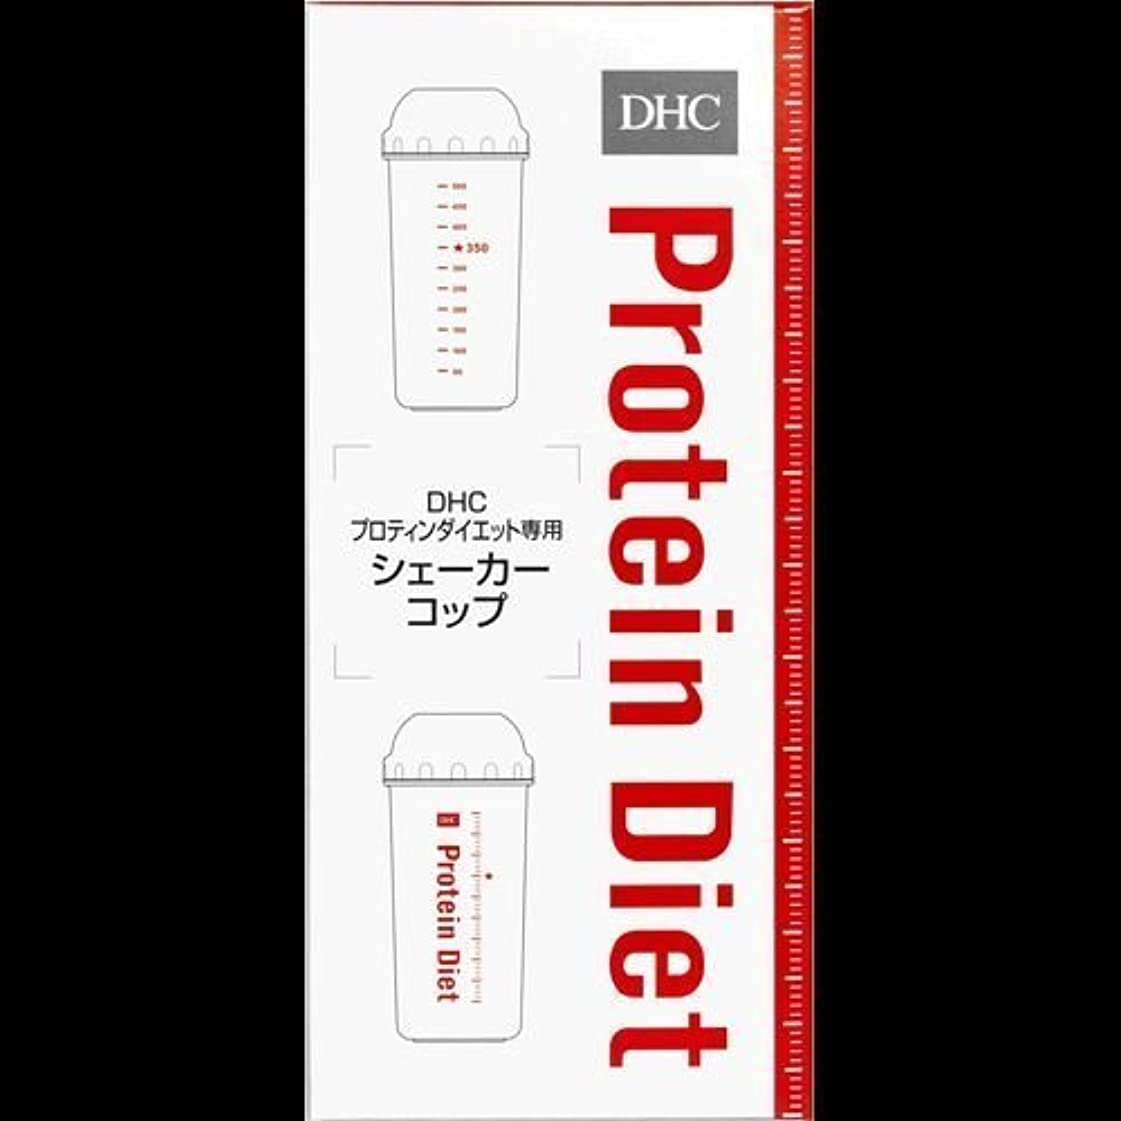 分配します皮肉な歴史【まとめ買い】DHC プロティンダイエット 専用シェーカーコップ ×2セット